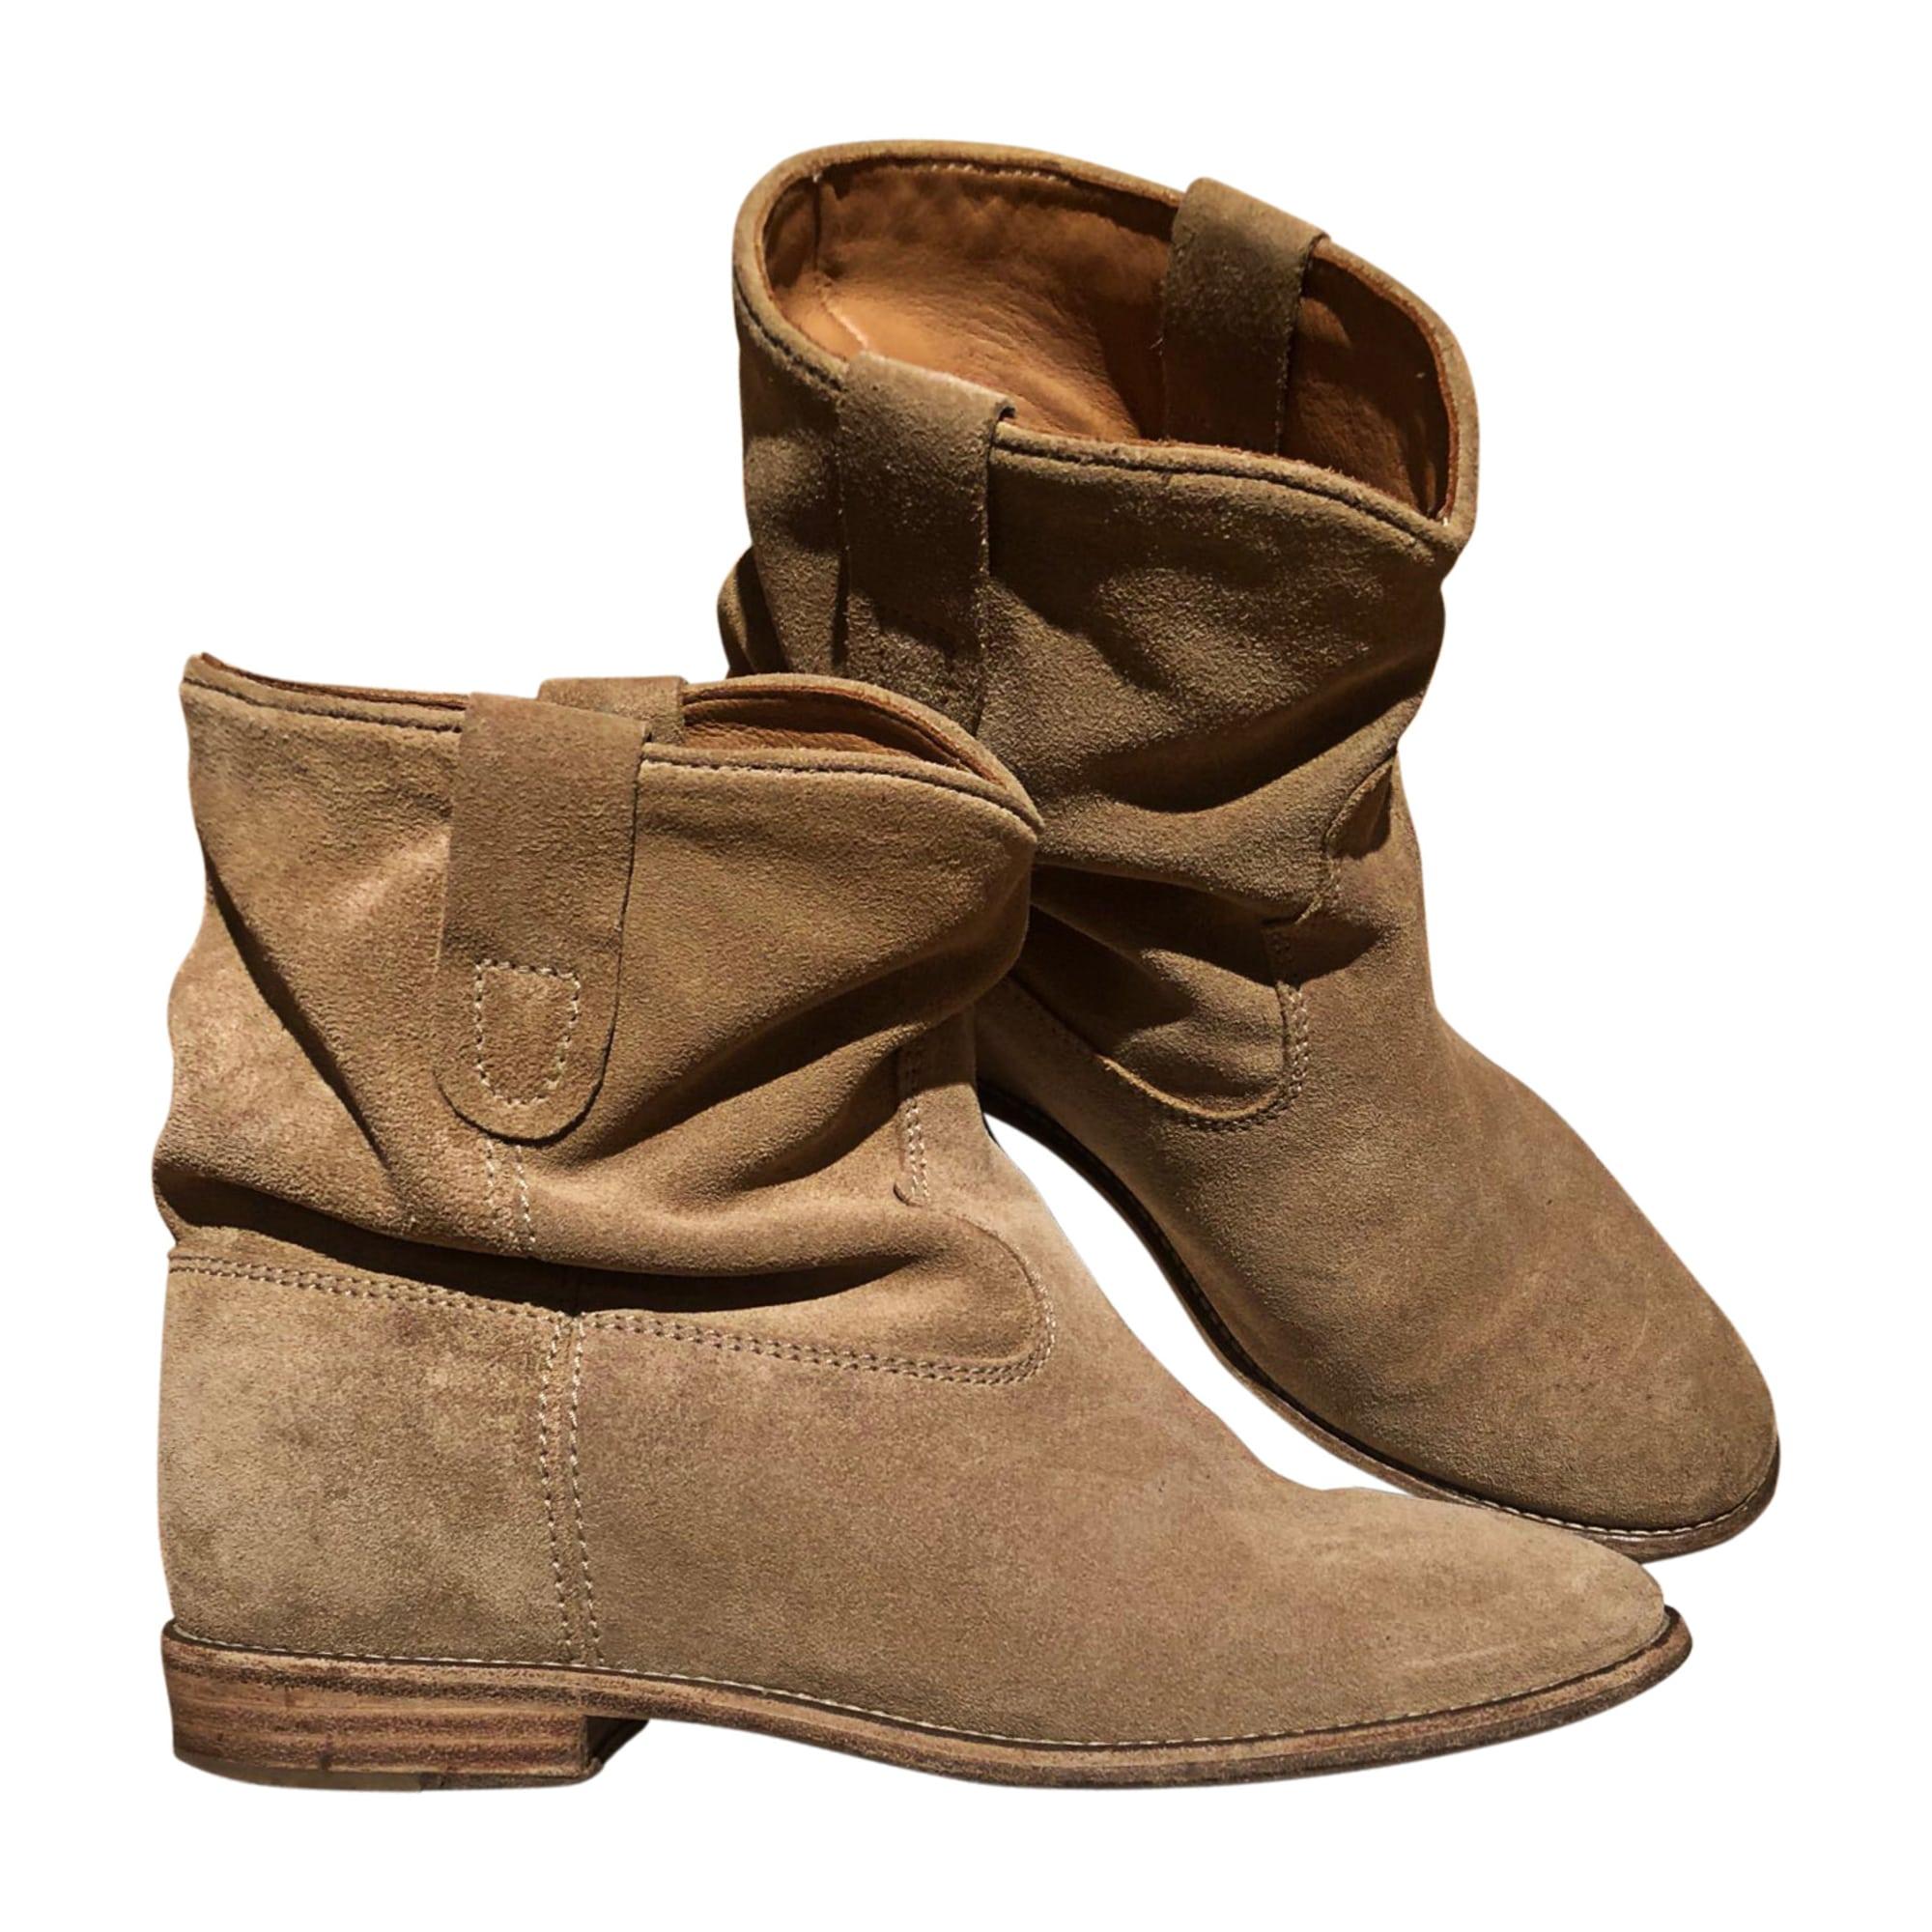 Santiags, bottines, low boots cowboy ISABEL MARANT ETOILE Beige, camel